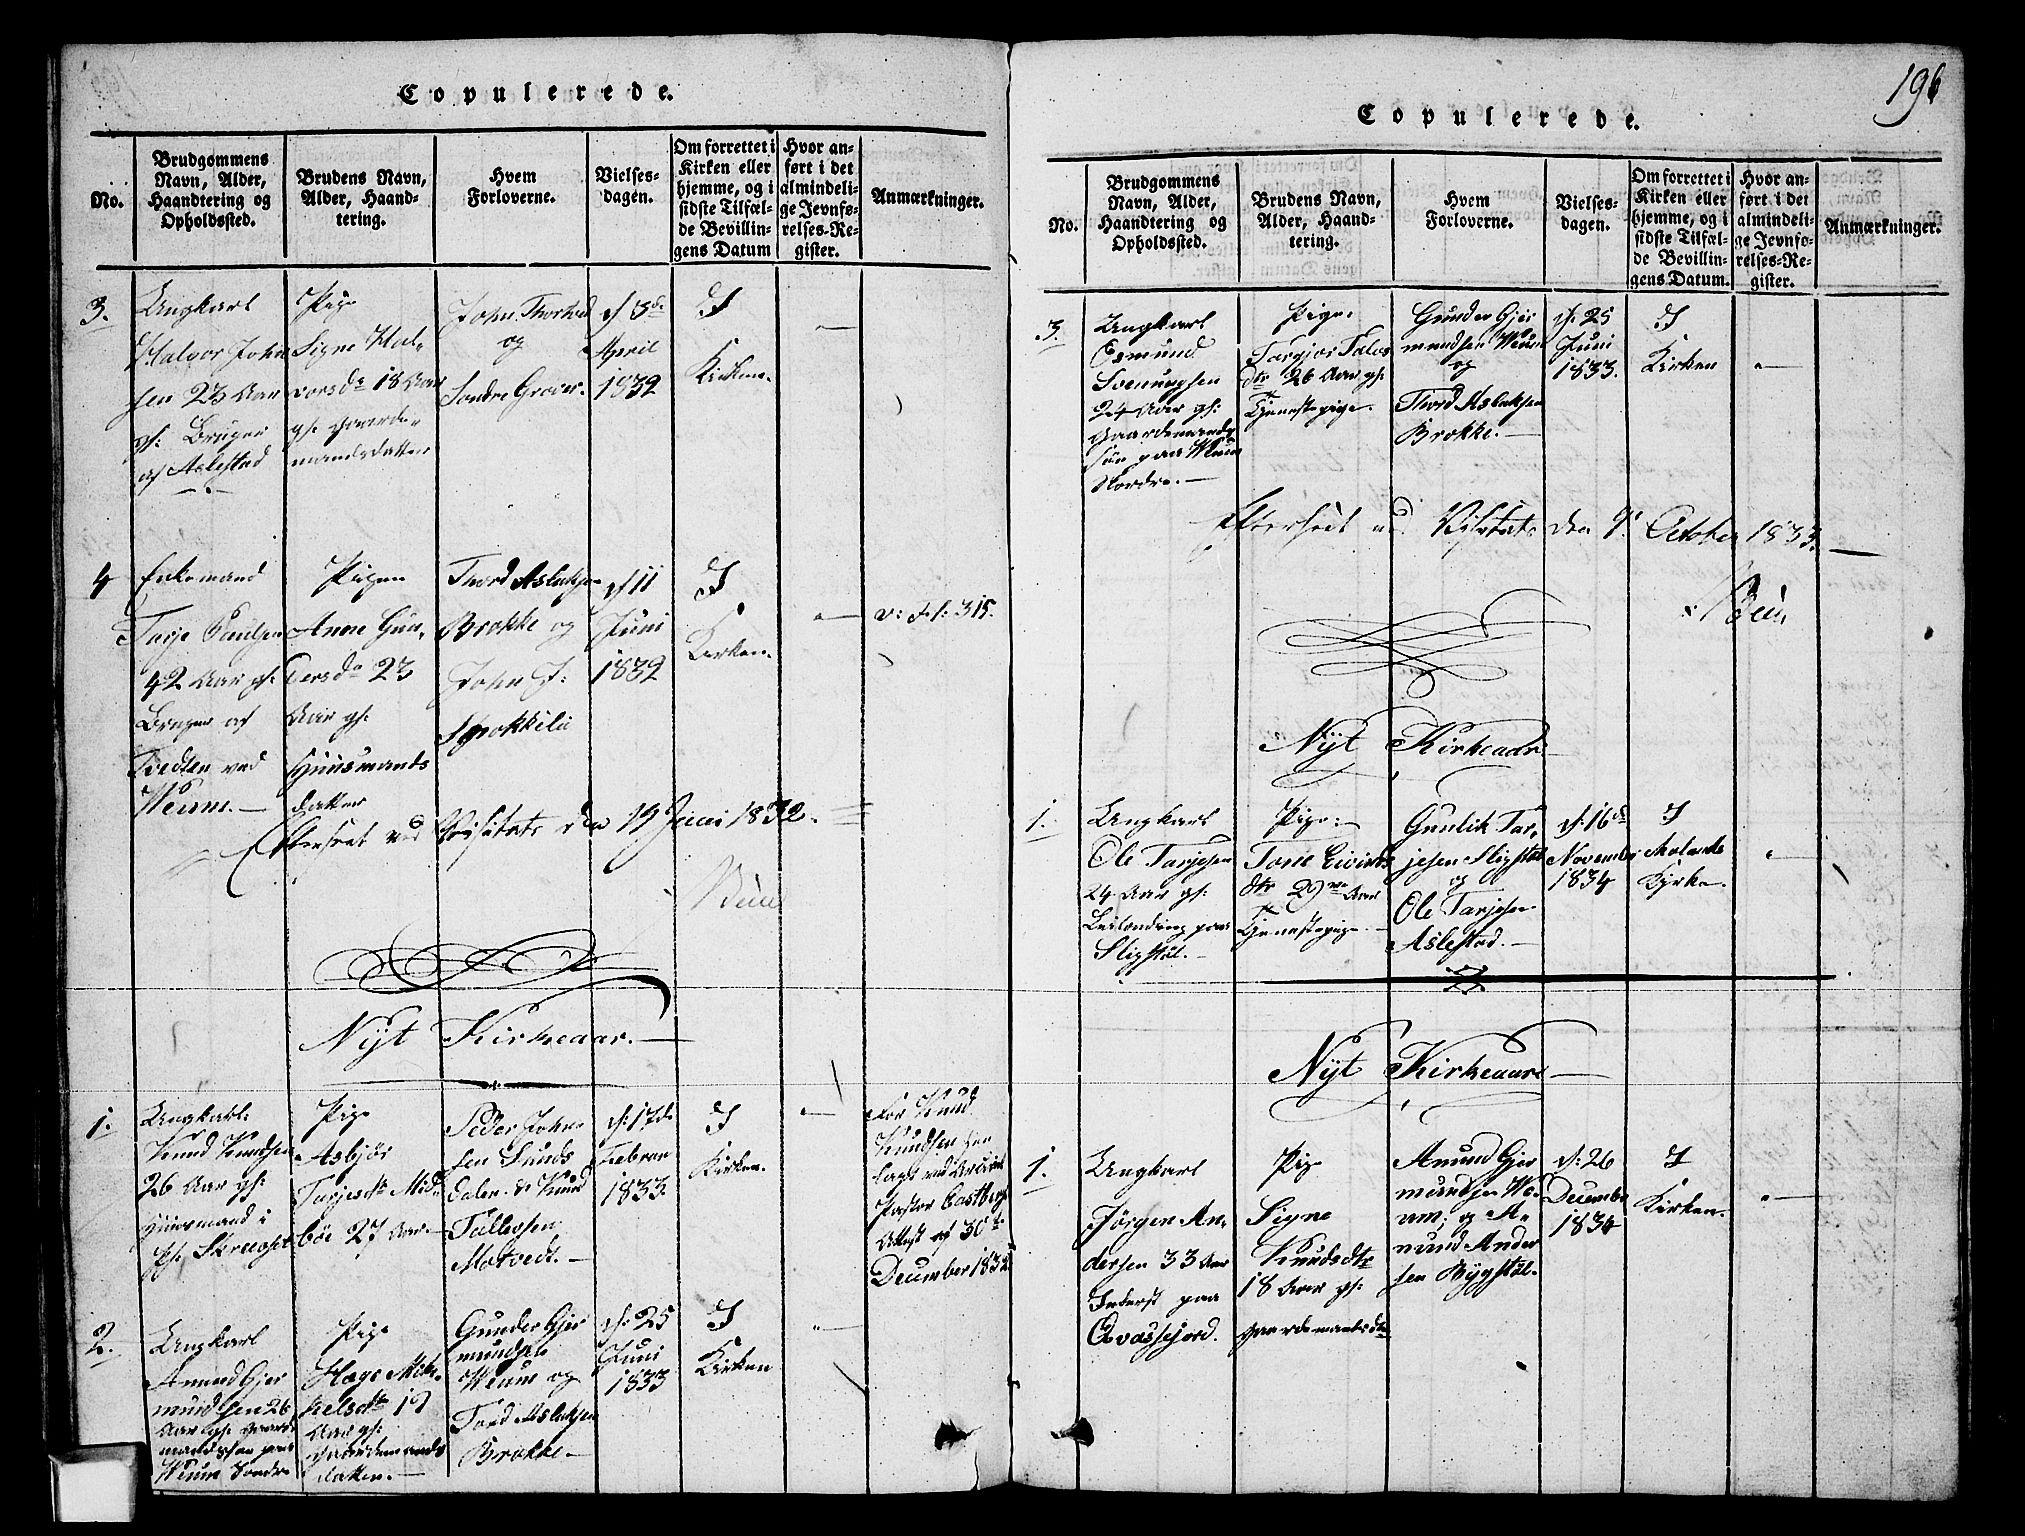 SAKO, Fyresdal kirkebøker, G/Ga/L0003: Klokkerbok nr. I 3, 1815-1863, s. 196